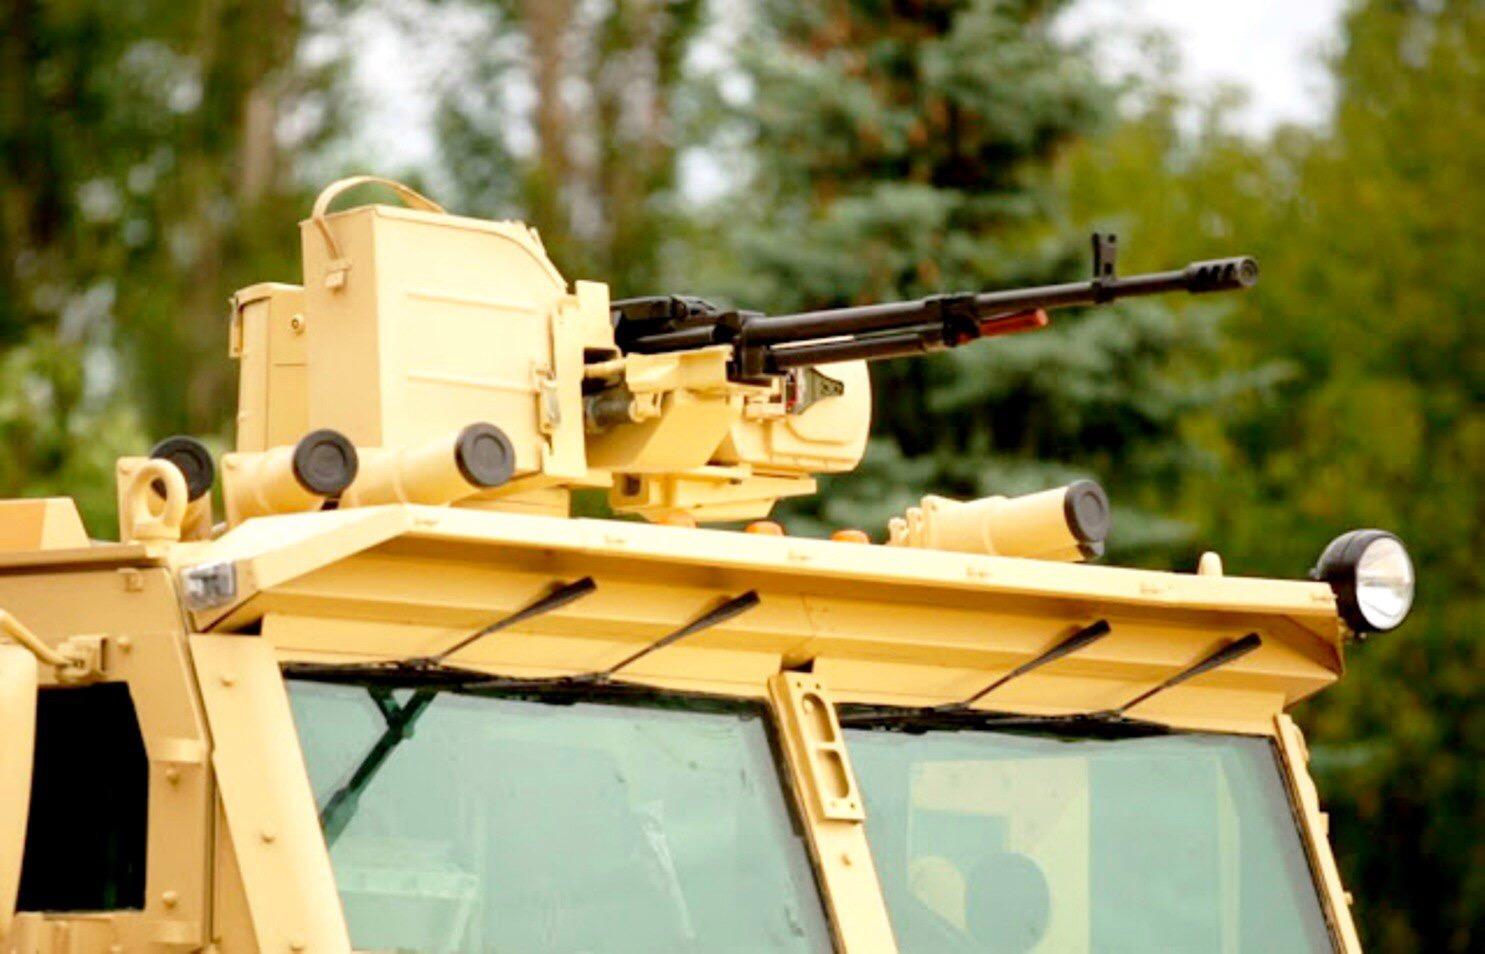 Secret Spy Photos of Floks Self-Propelled Artillery Platform Published Online